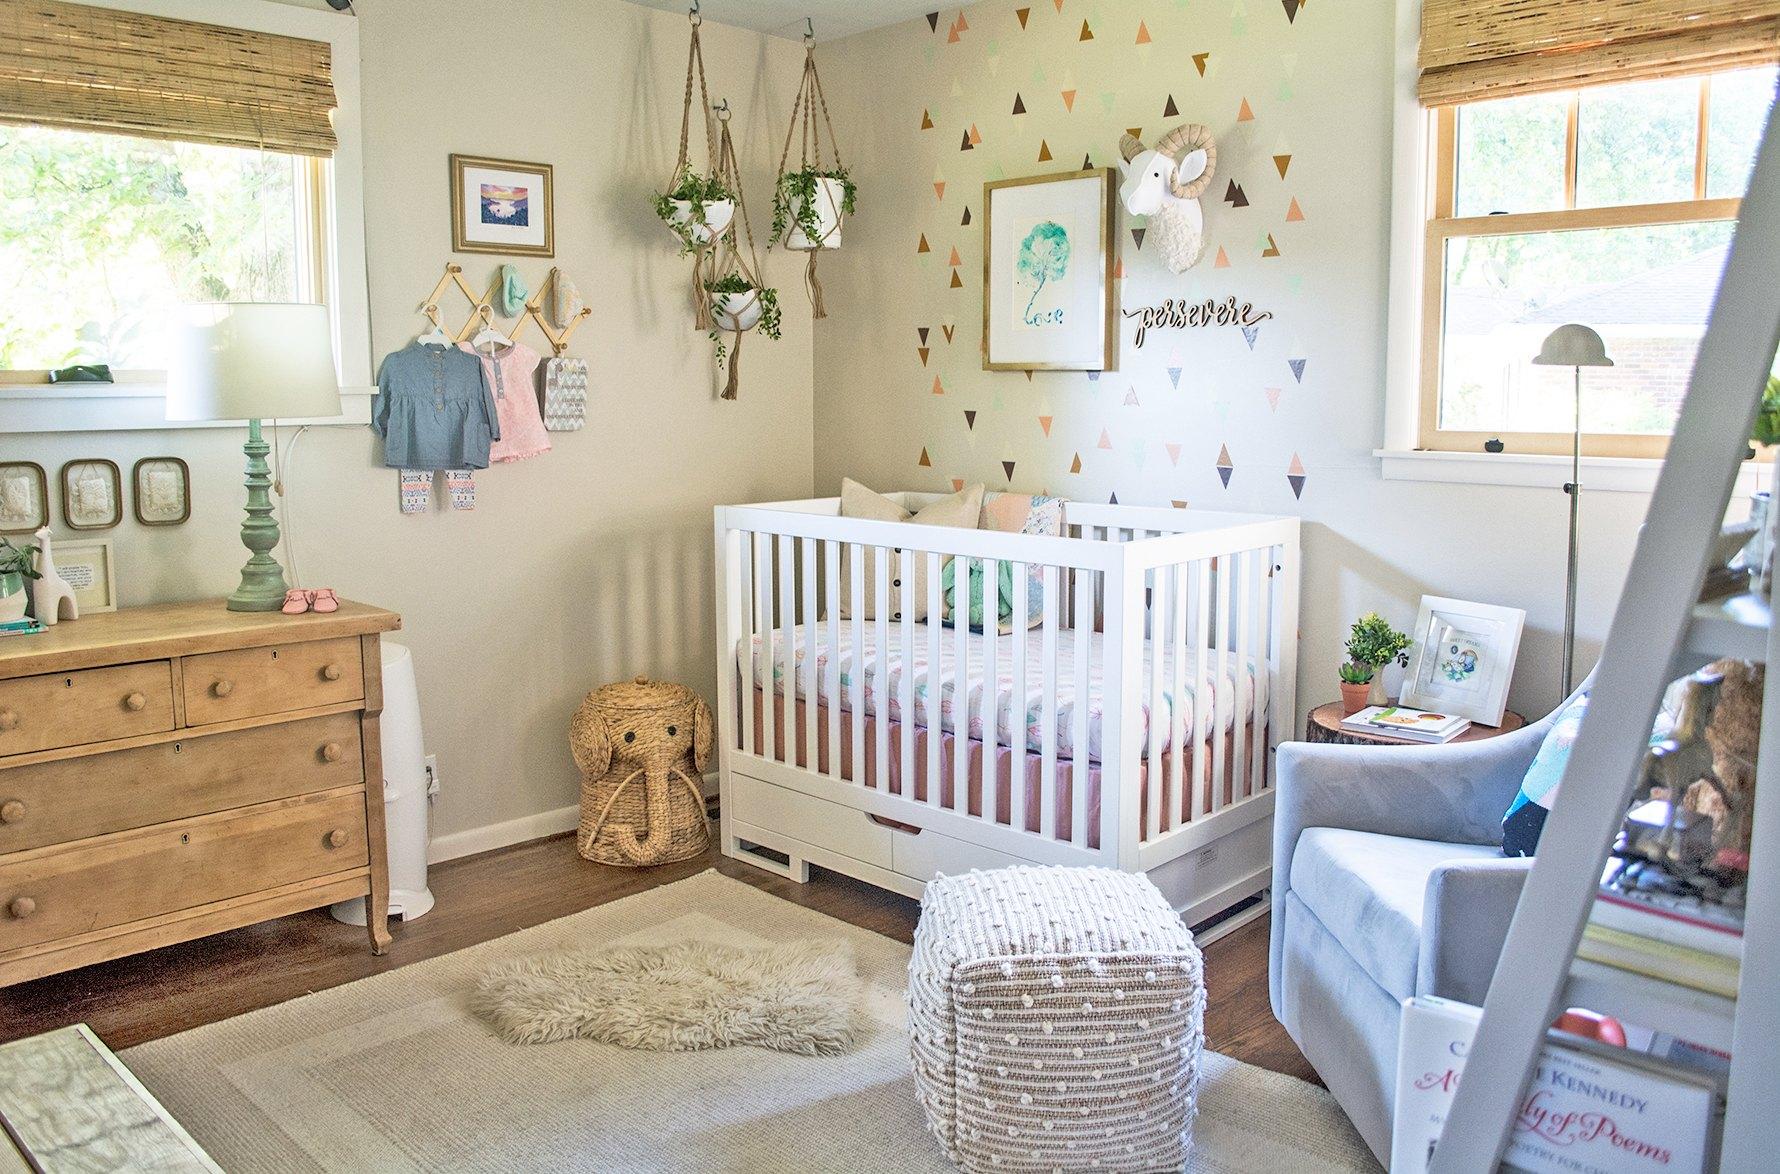 kinderzimmer mädchen, einrichtungsideen und deko für die kleinsten, babybett, wandtapete und deko